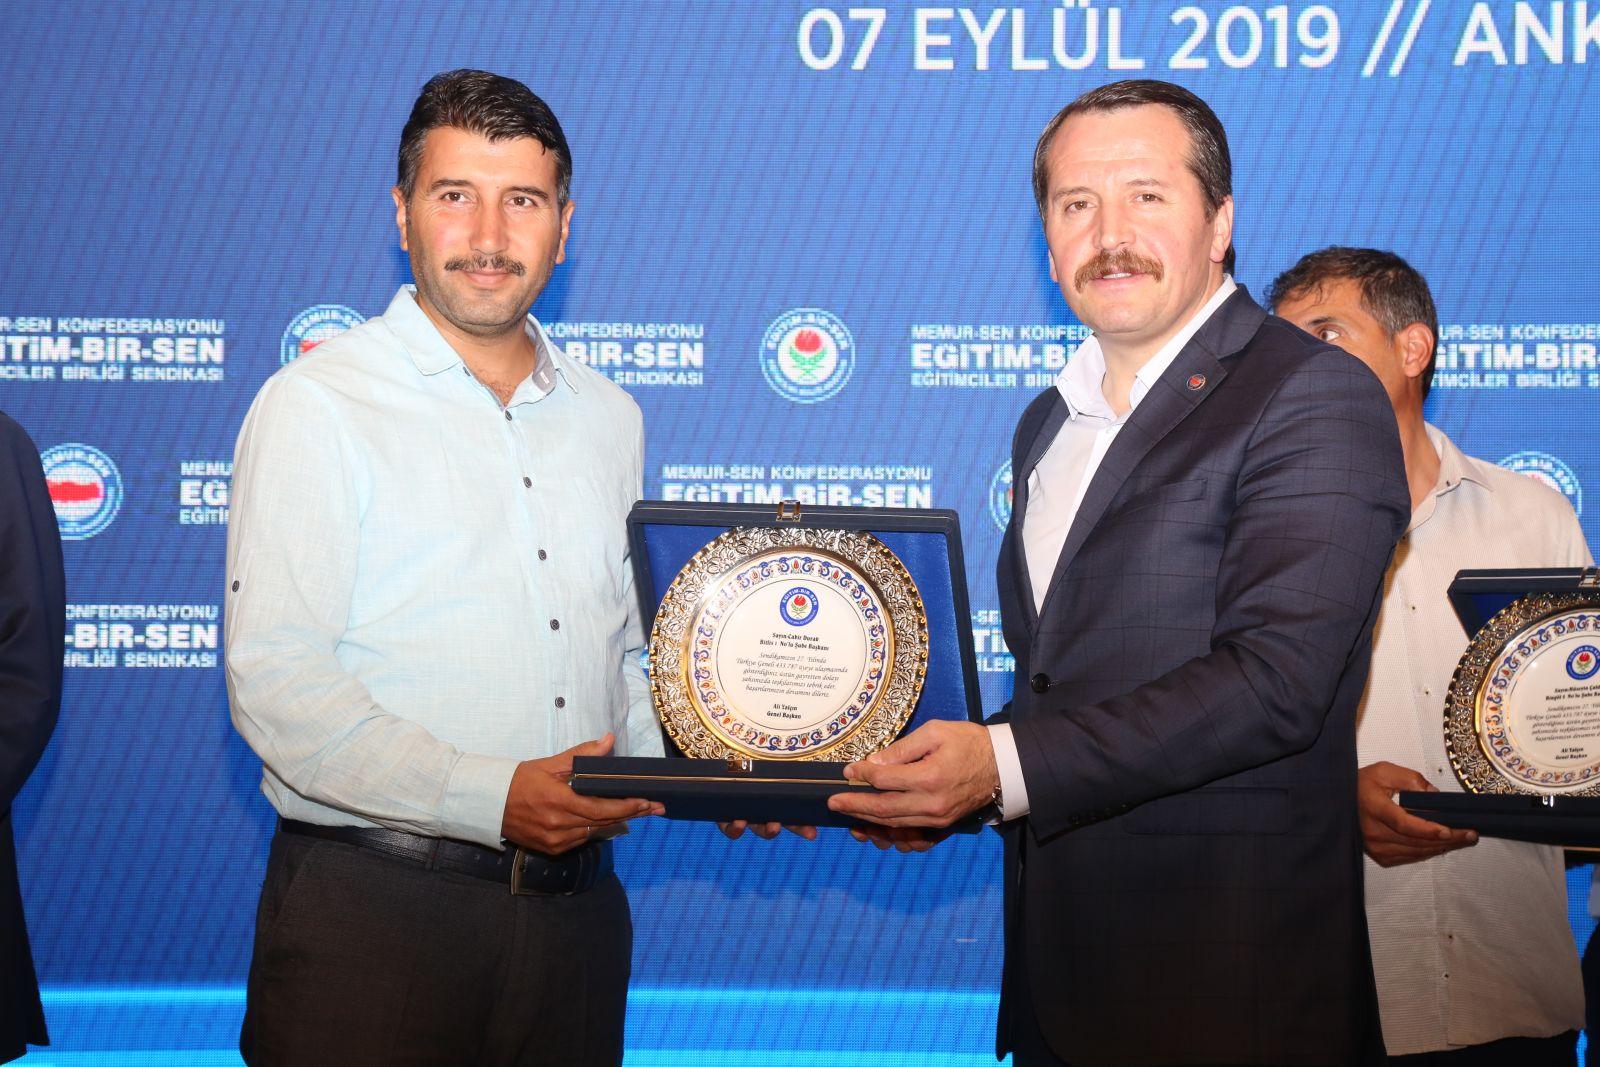 Teşekkürler Bitlis